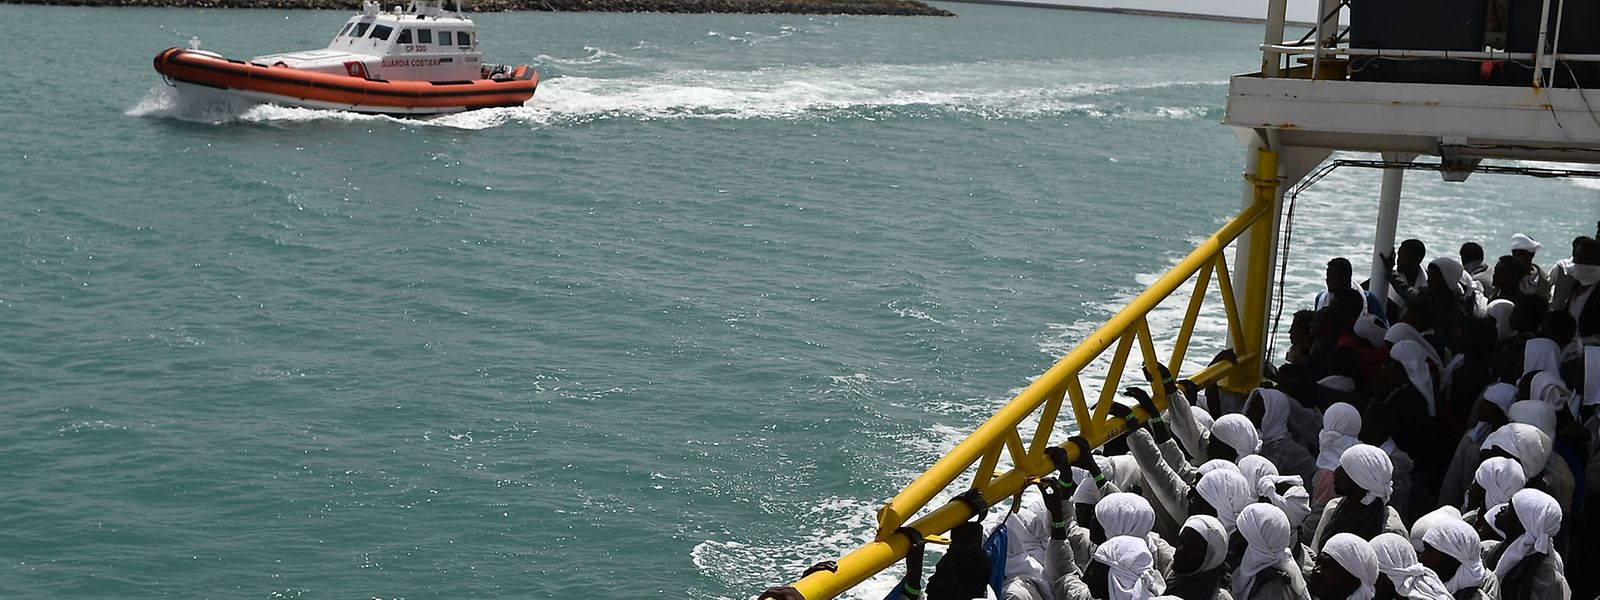 Die Flüchtlinge, die beim Unglück gerettet werden konnten, kommen im Hafen von Sardinien an.